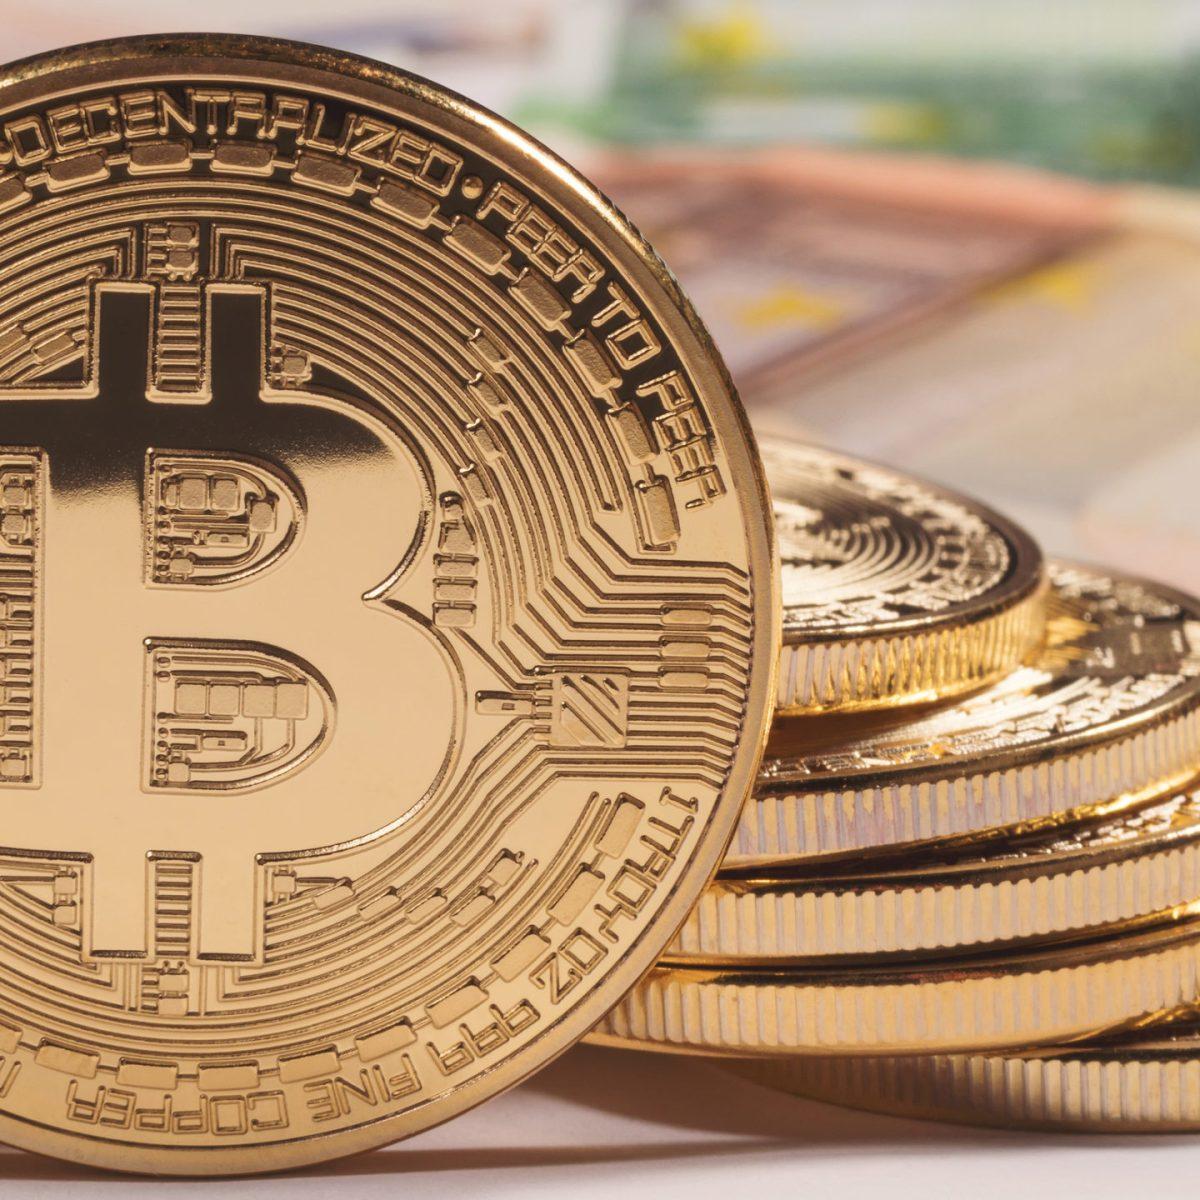 Uk taxman reviews treatment of bitcoins for free atalanta vs inter milan betting preview